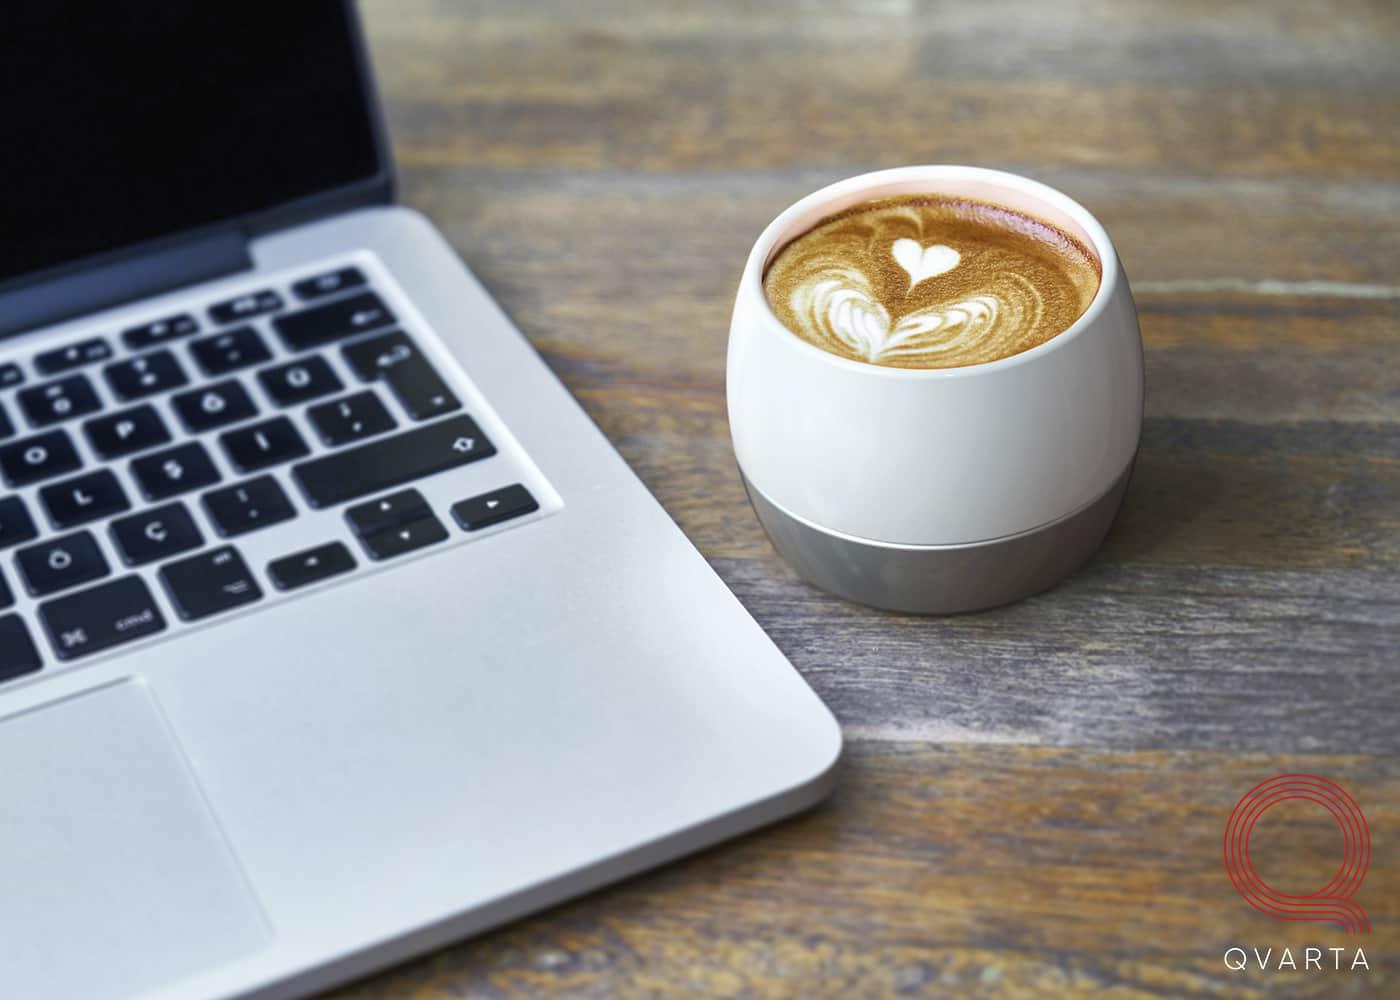 Смарт-чашка HEATLIE с кофе в интерьере возле ноутбука.